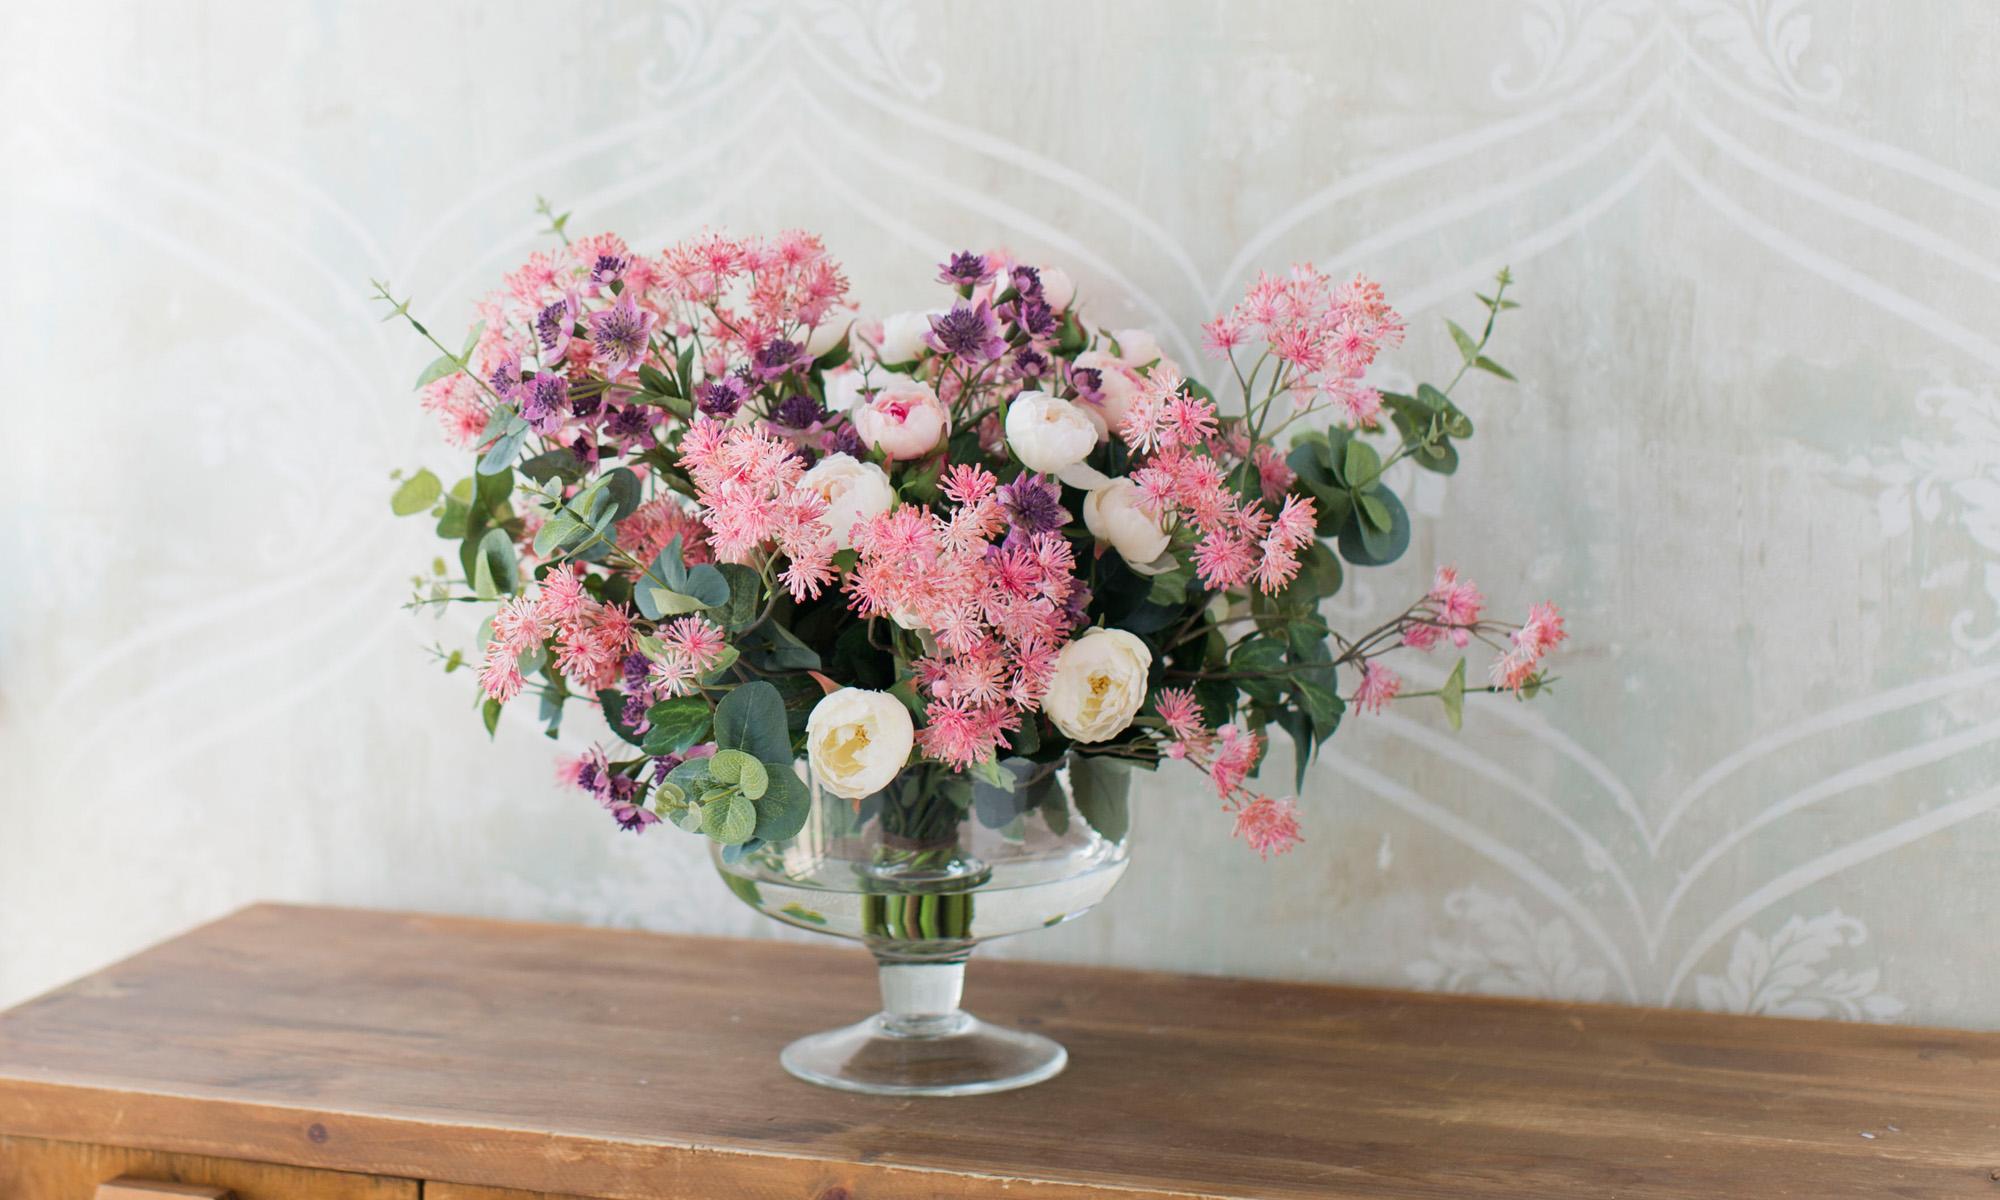 Купить Композиция из искусственных цветов - нежные розы, мединилла, астранция, эвкалипт, inmyroom, Россия